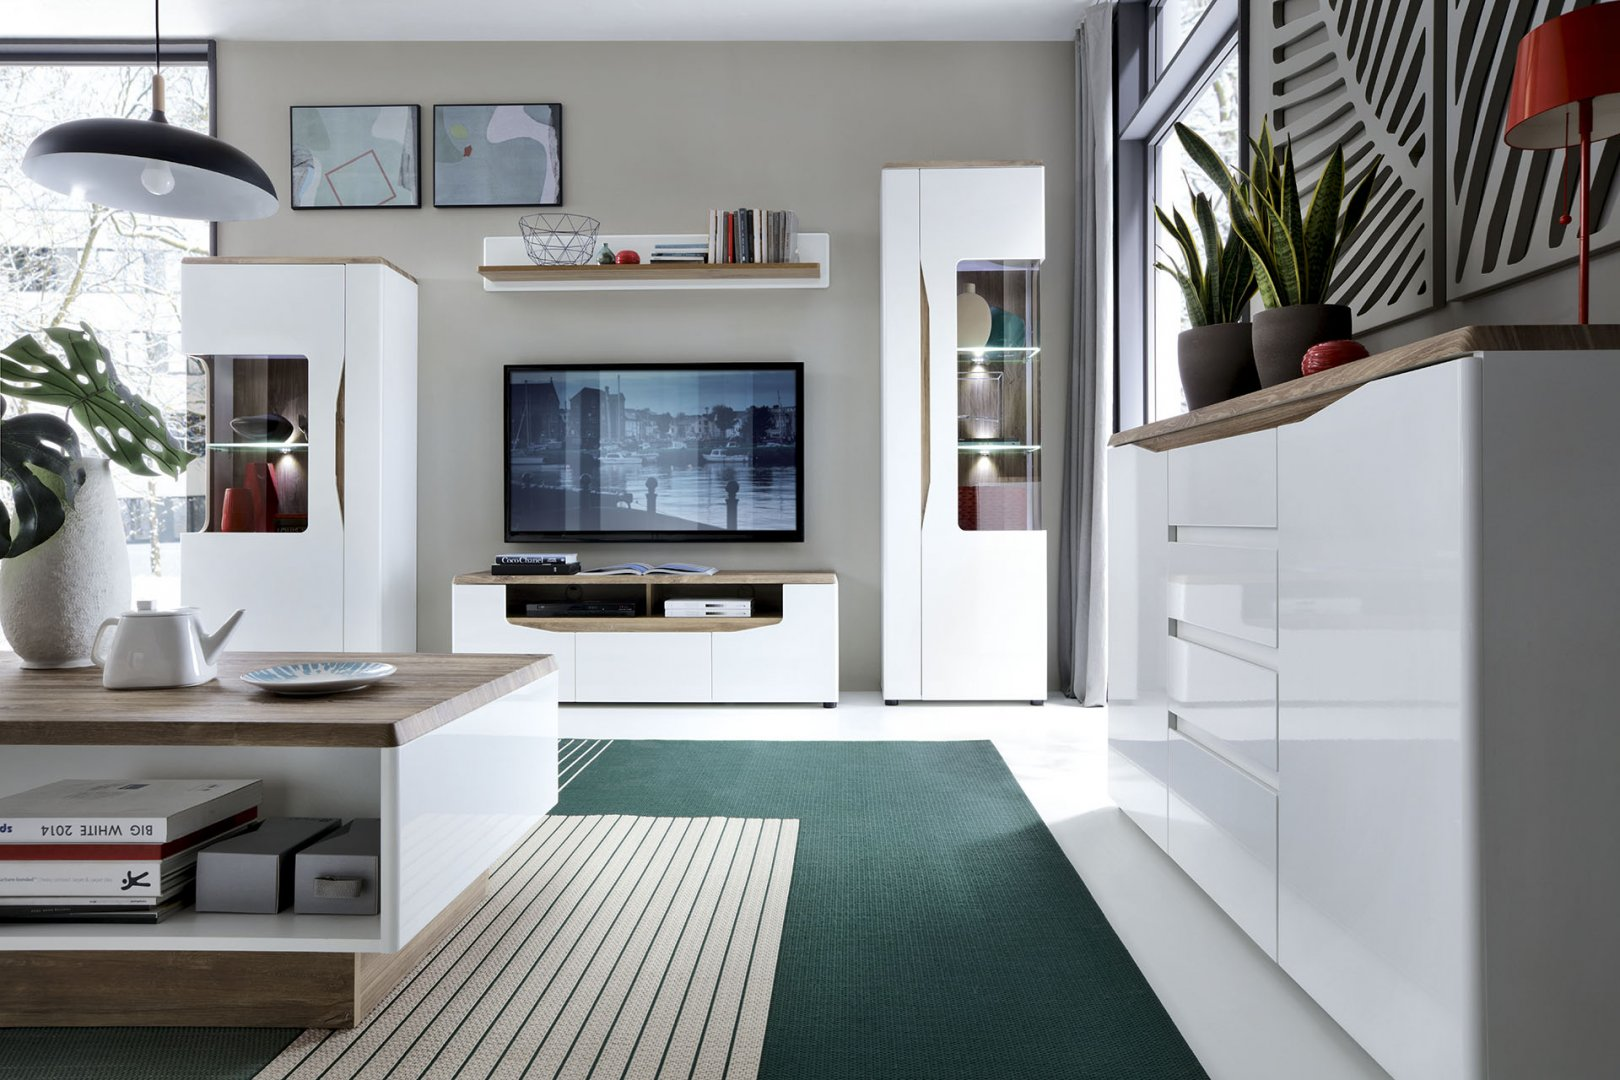 nowoczesne meble m�odzieżowe systemowe meble do pokoju